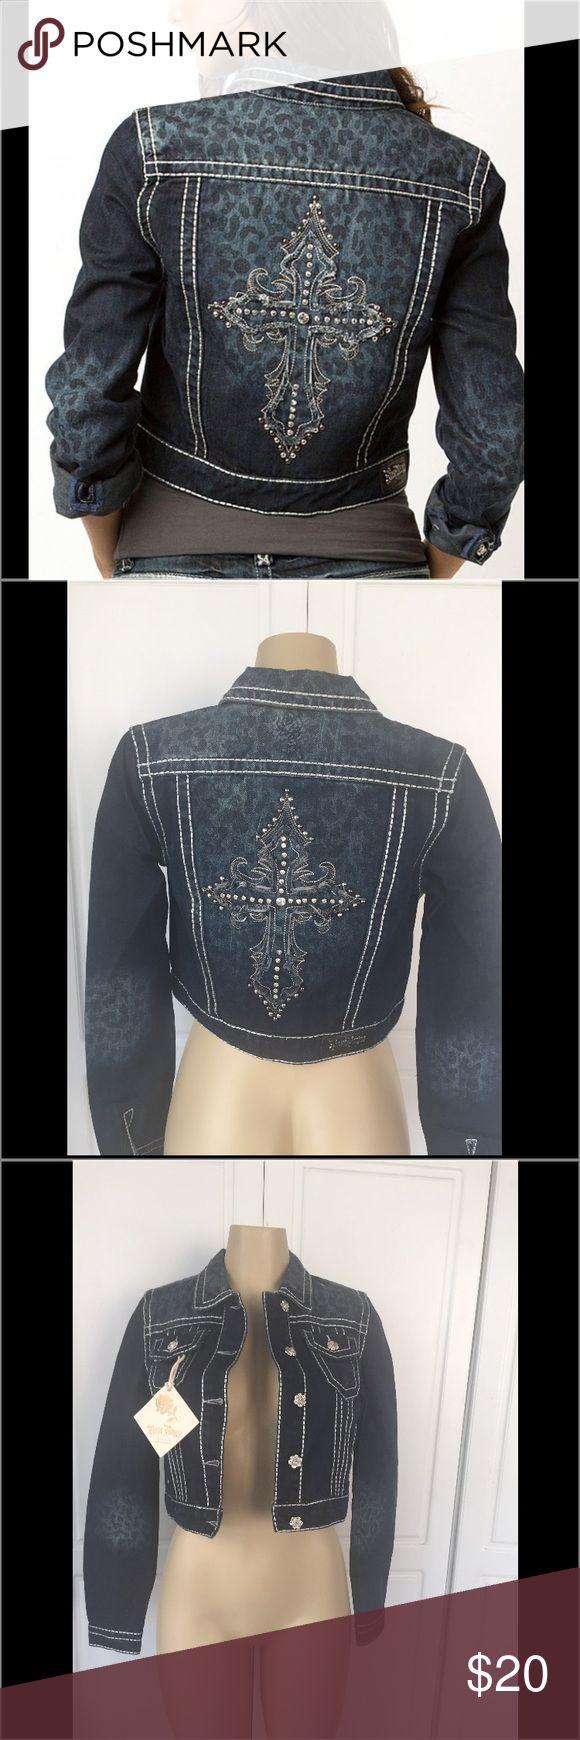 Rose Royce  jacket Rose Royce Jacket Rose Royce Jackets & Coats Jean Jackets